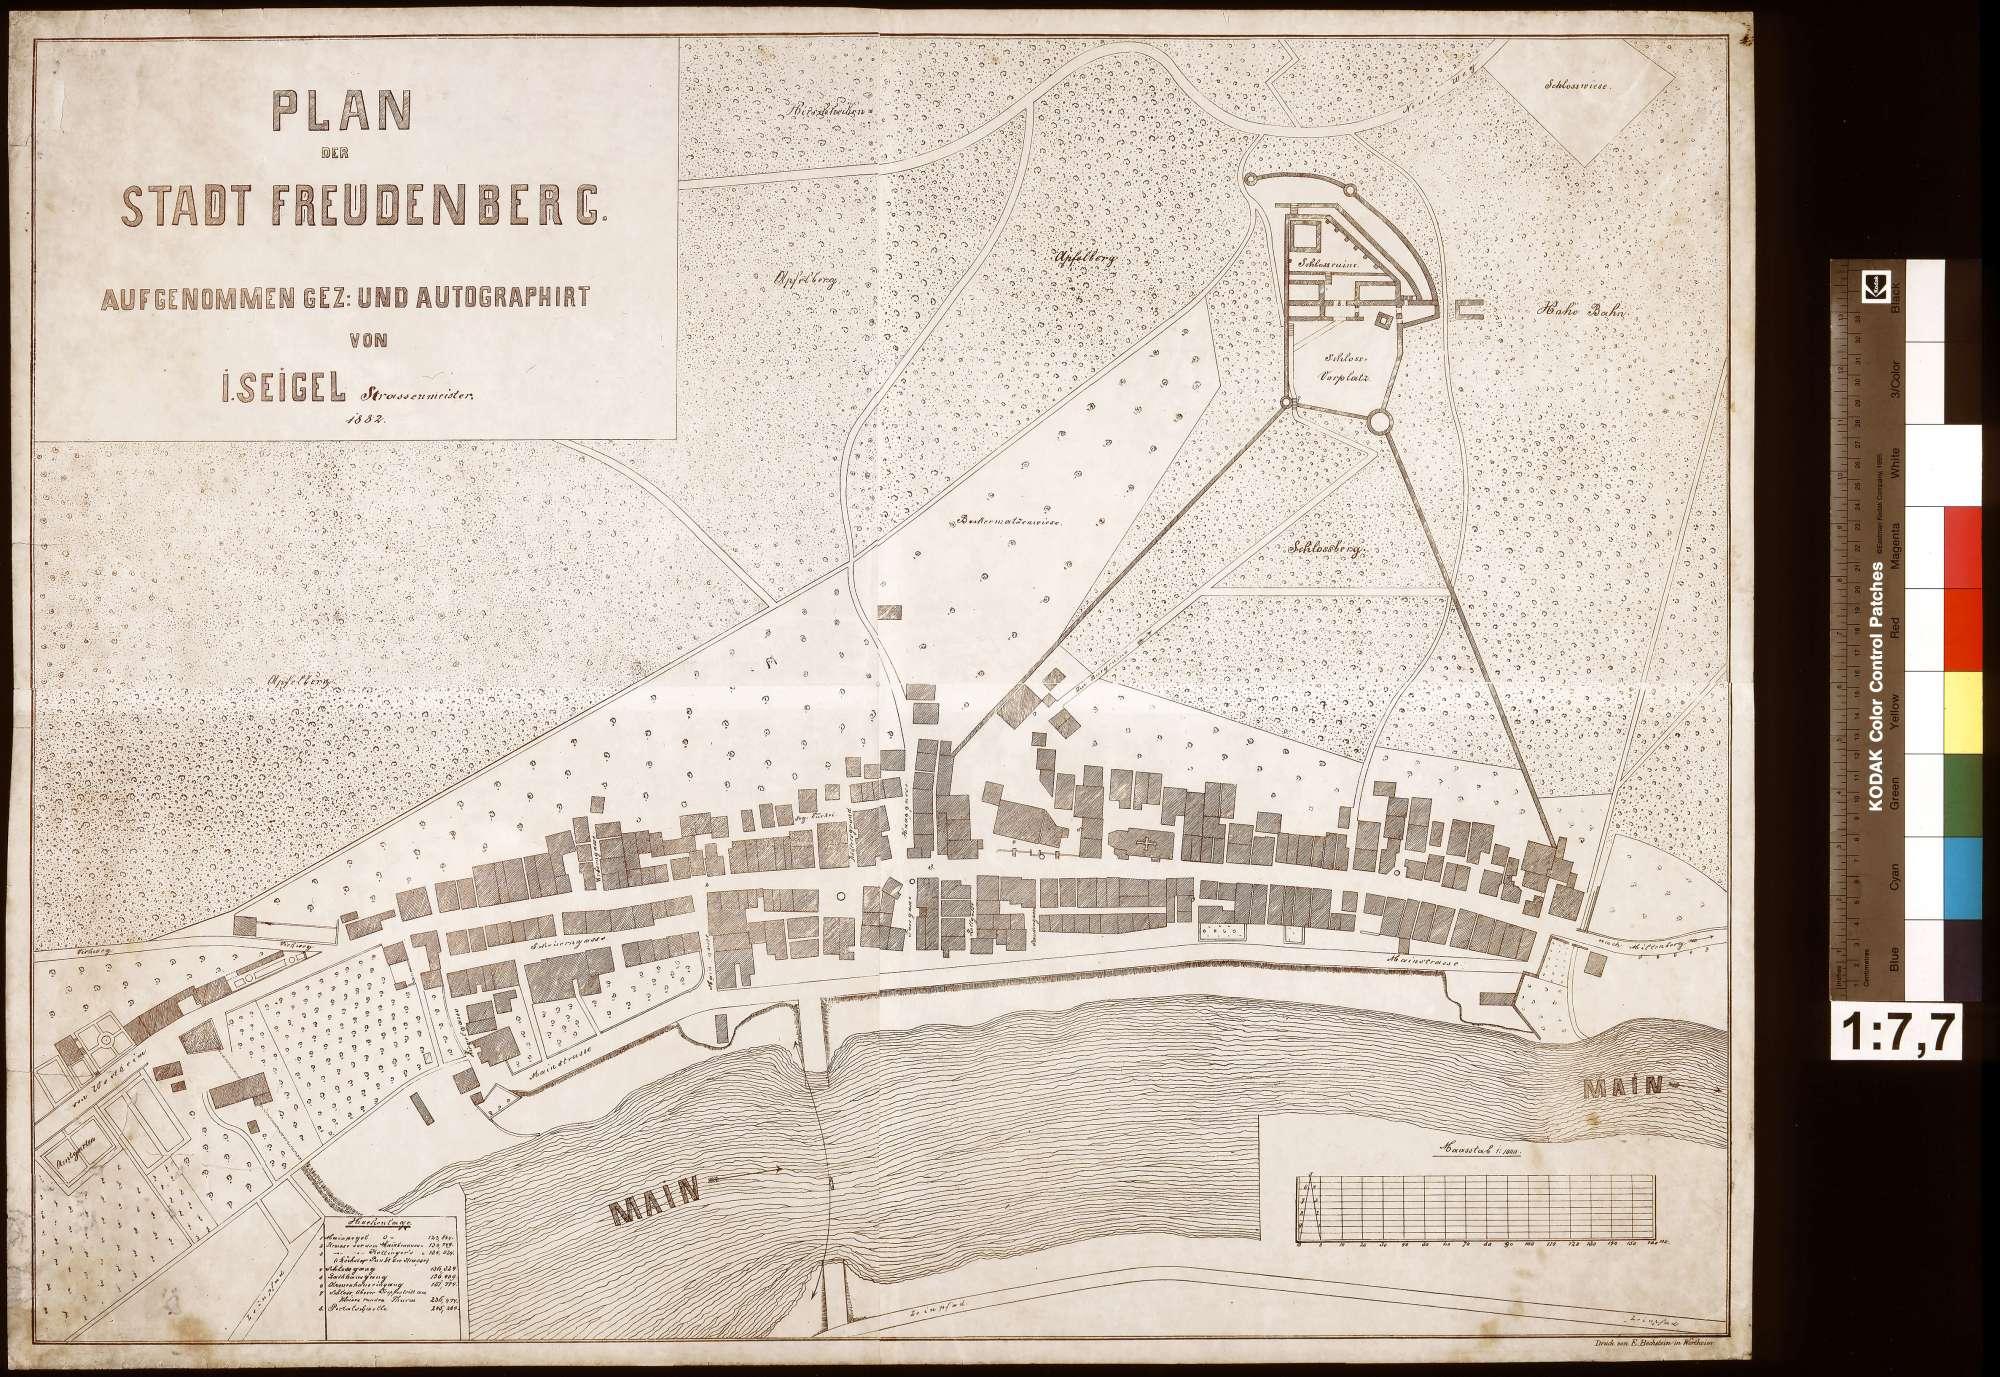 Plan der Stadt Freudenberg, Bild 1